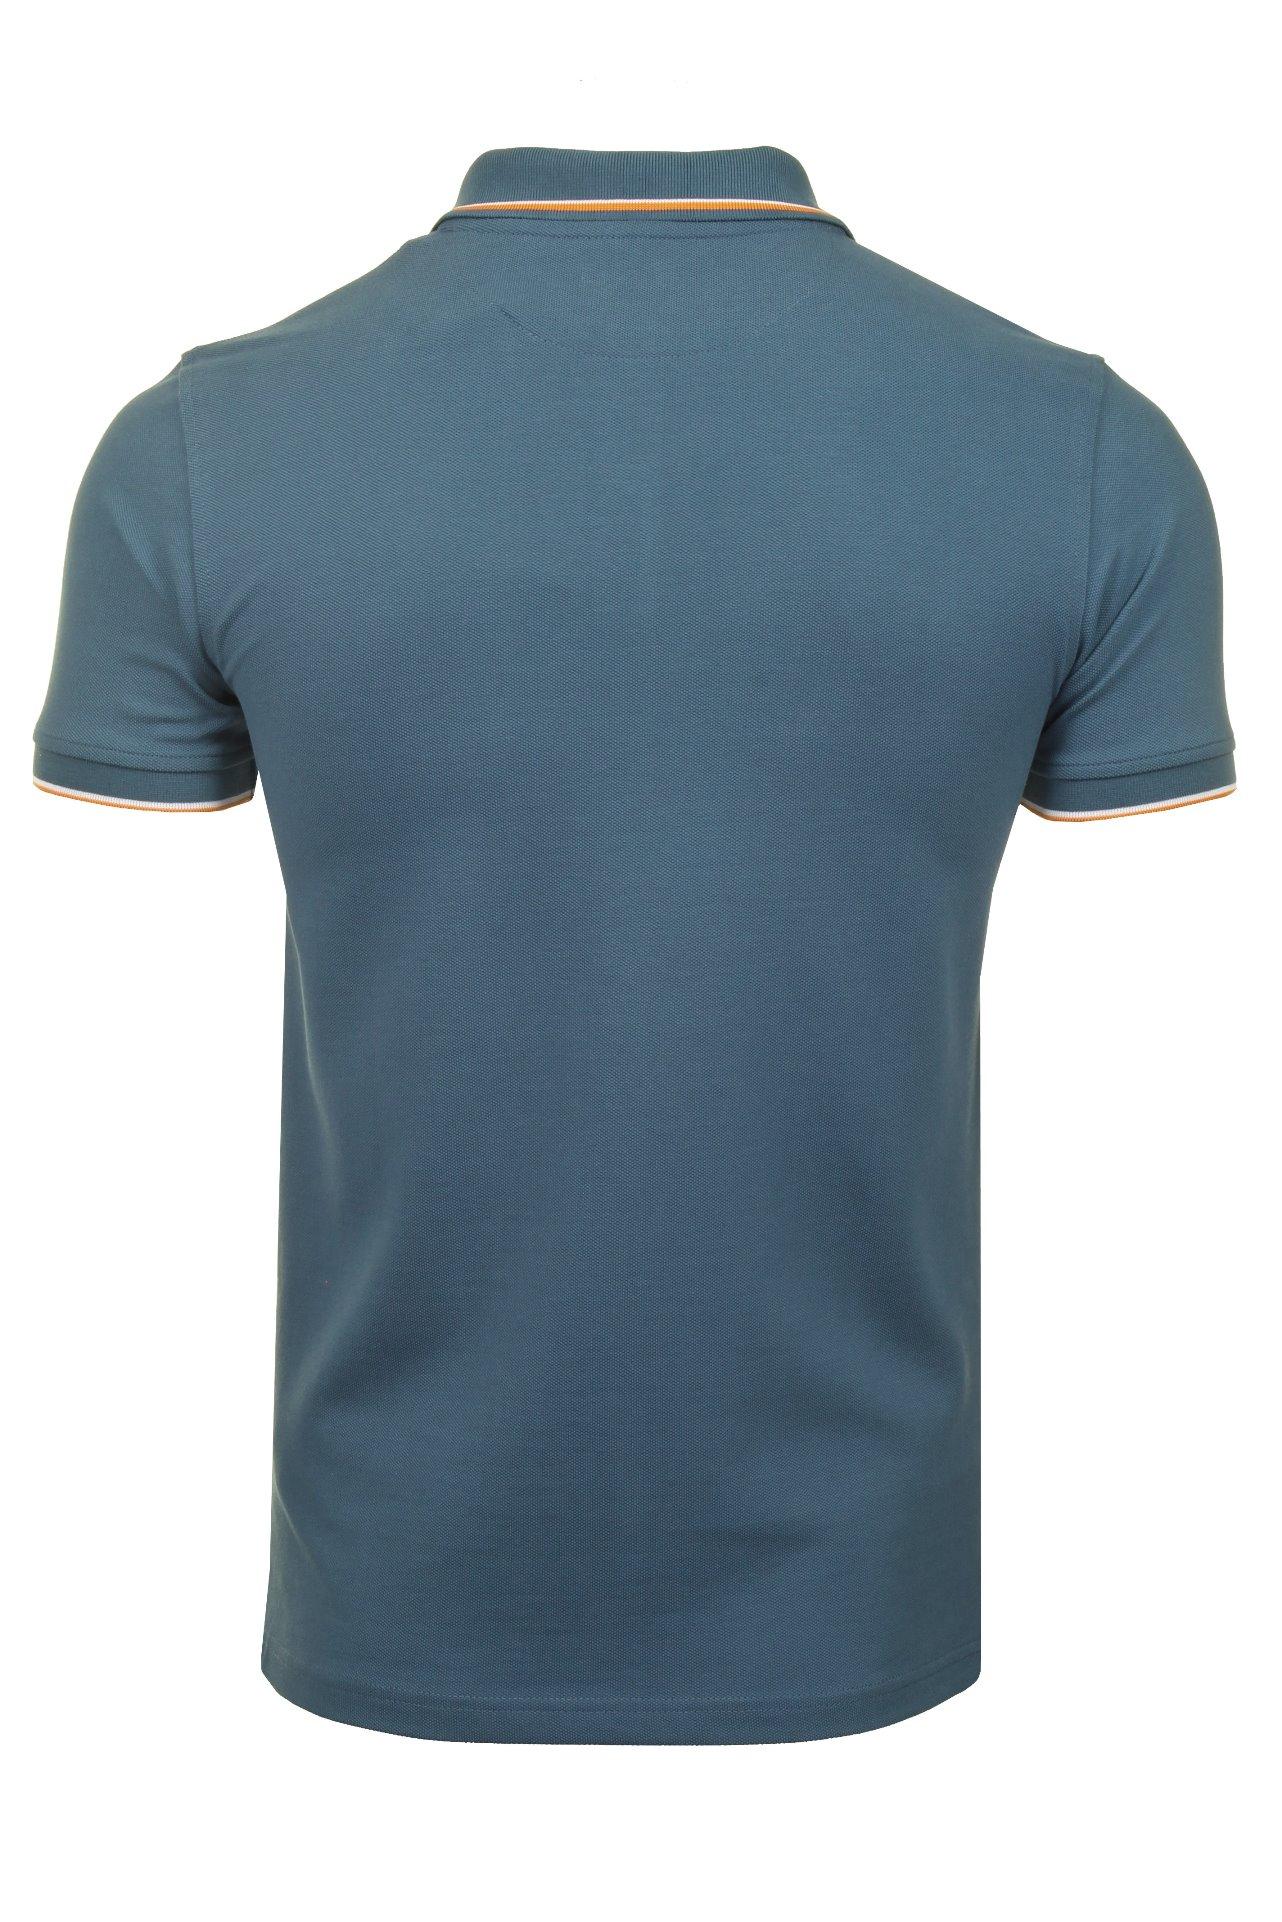 Timberland-Para-Hombres-Polo-Camiseta-039-Polo-Pique-con-punta-de-rio-Millers-Manga-corta-039 miniatura 8